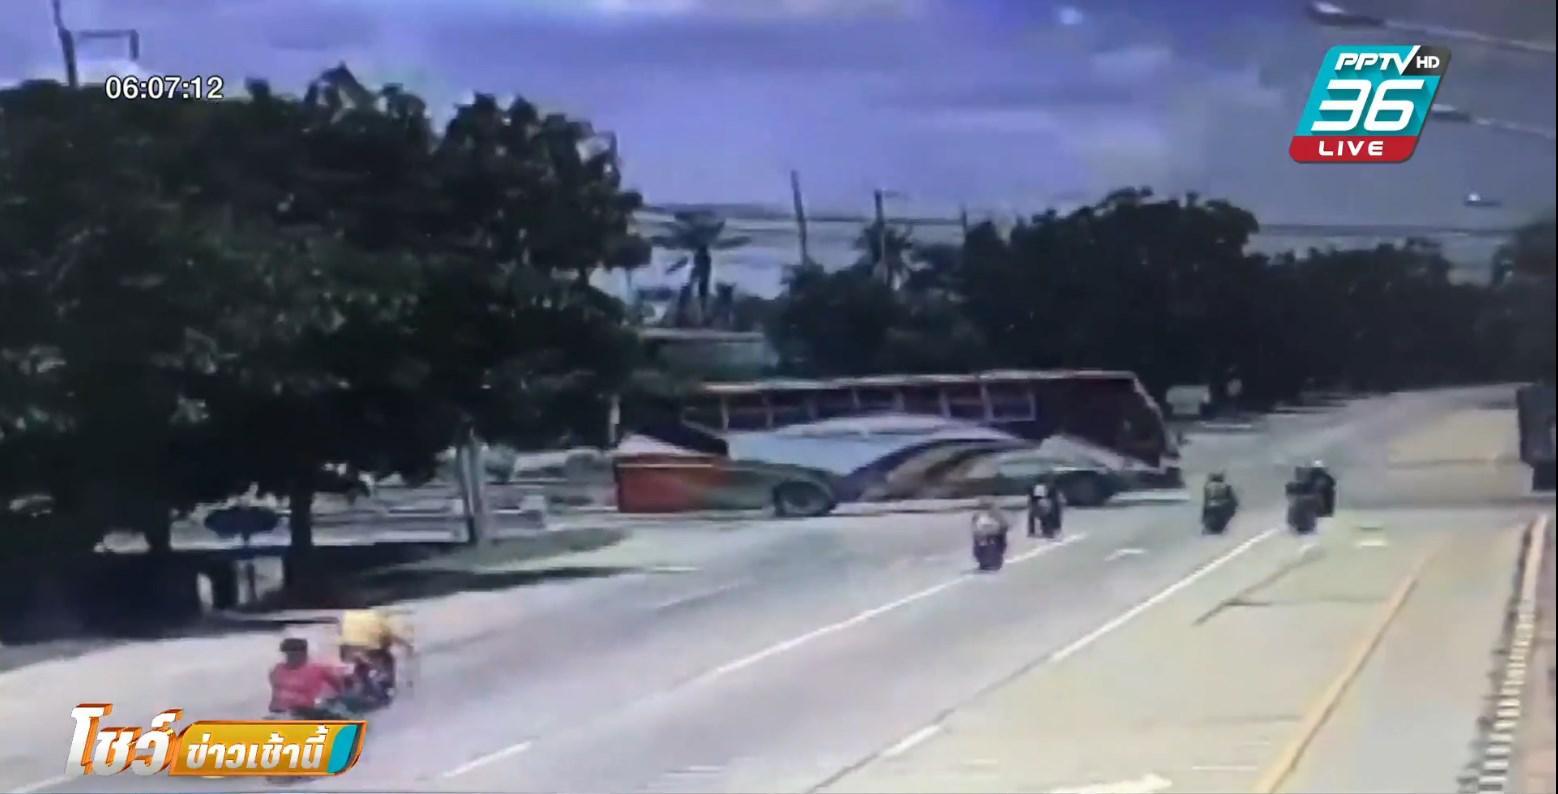 กลุ่มมอไซค์สายบุญ ขี่เจอสลิงลากรถ เสียหลักพลิกคว่ำ ดับ 3